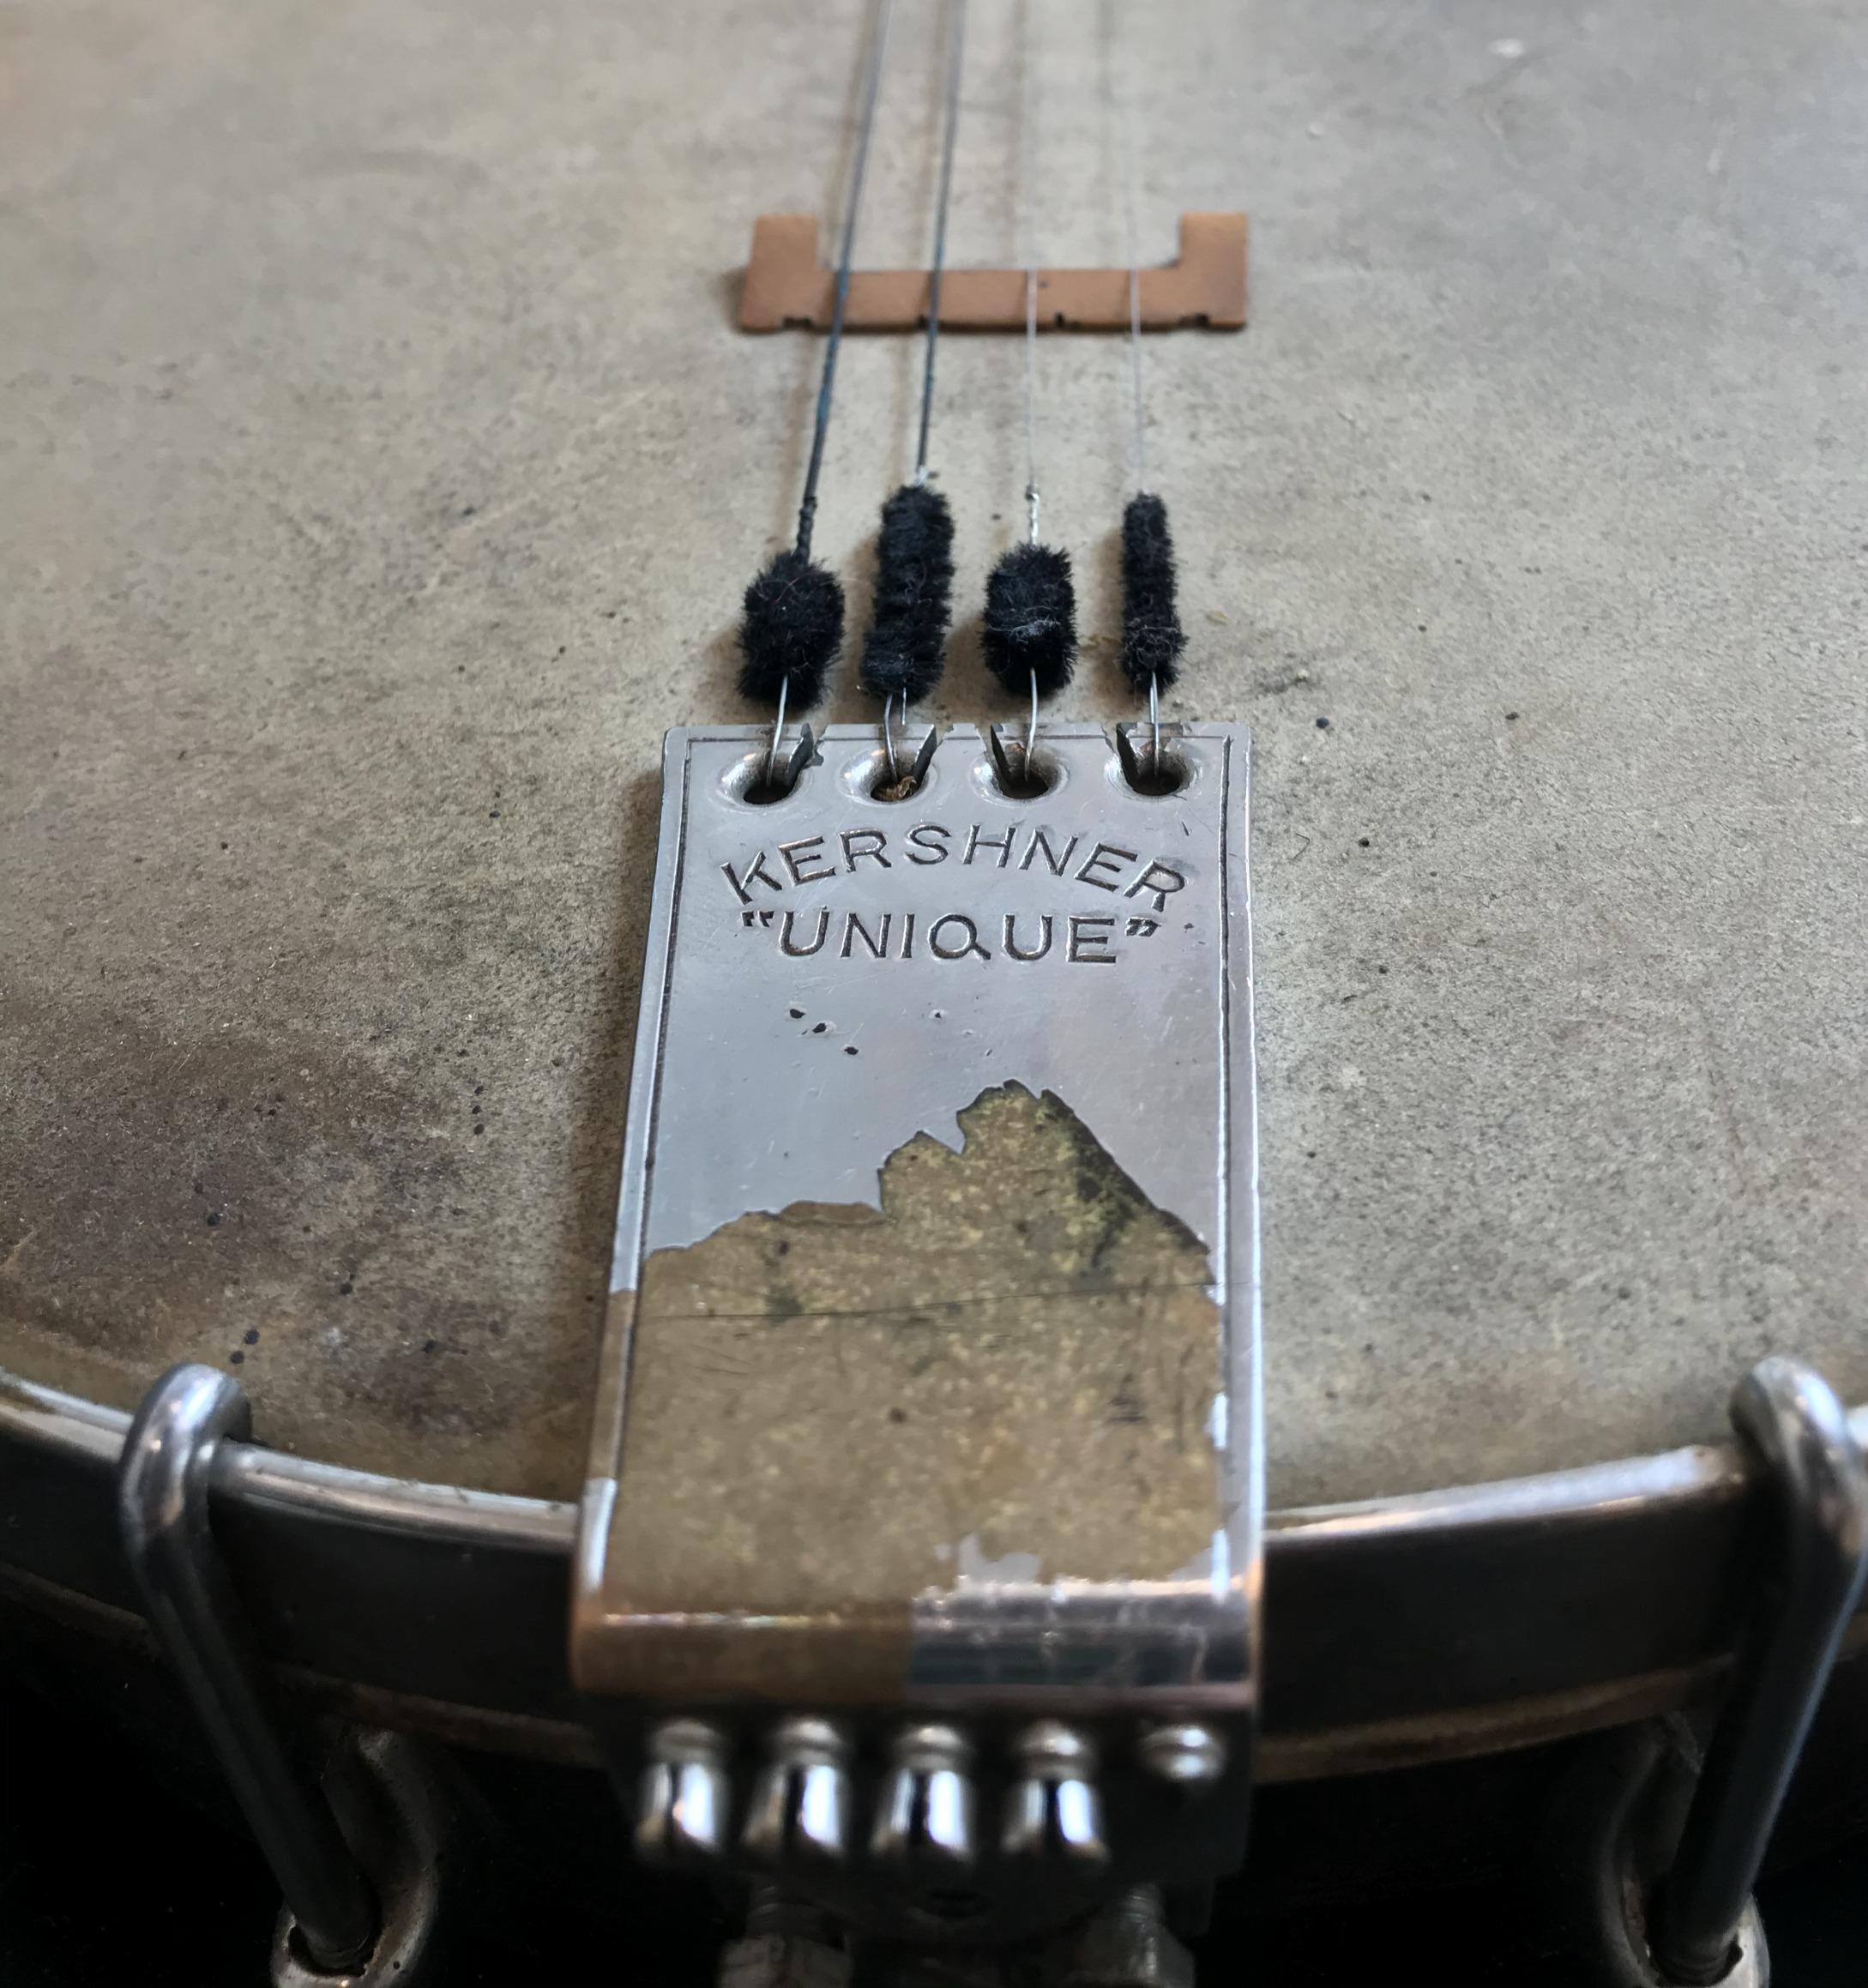 Kershner Banjo